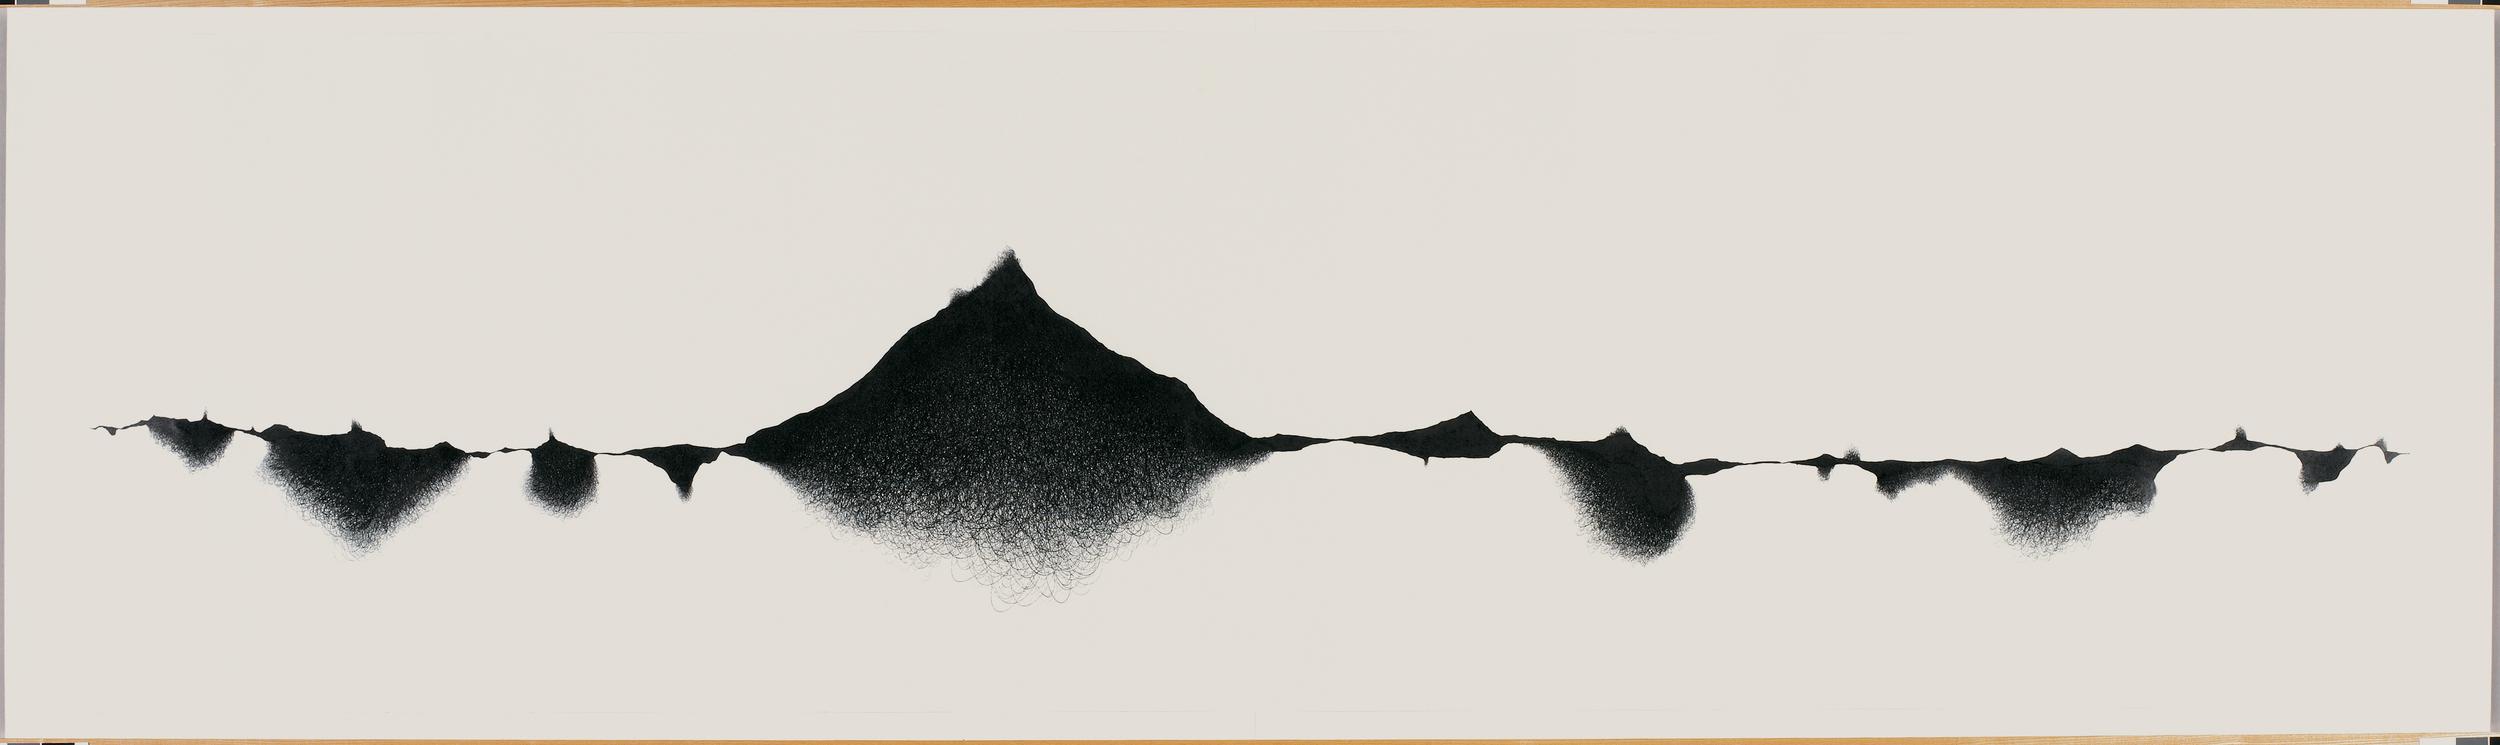 Peaks, 2005-07,35 x 118 in.